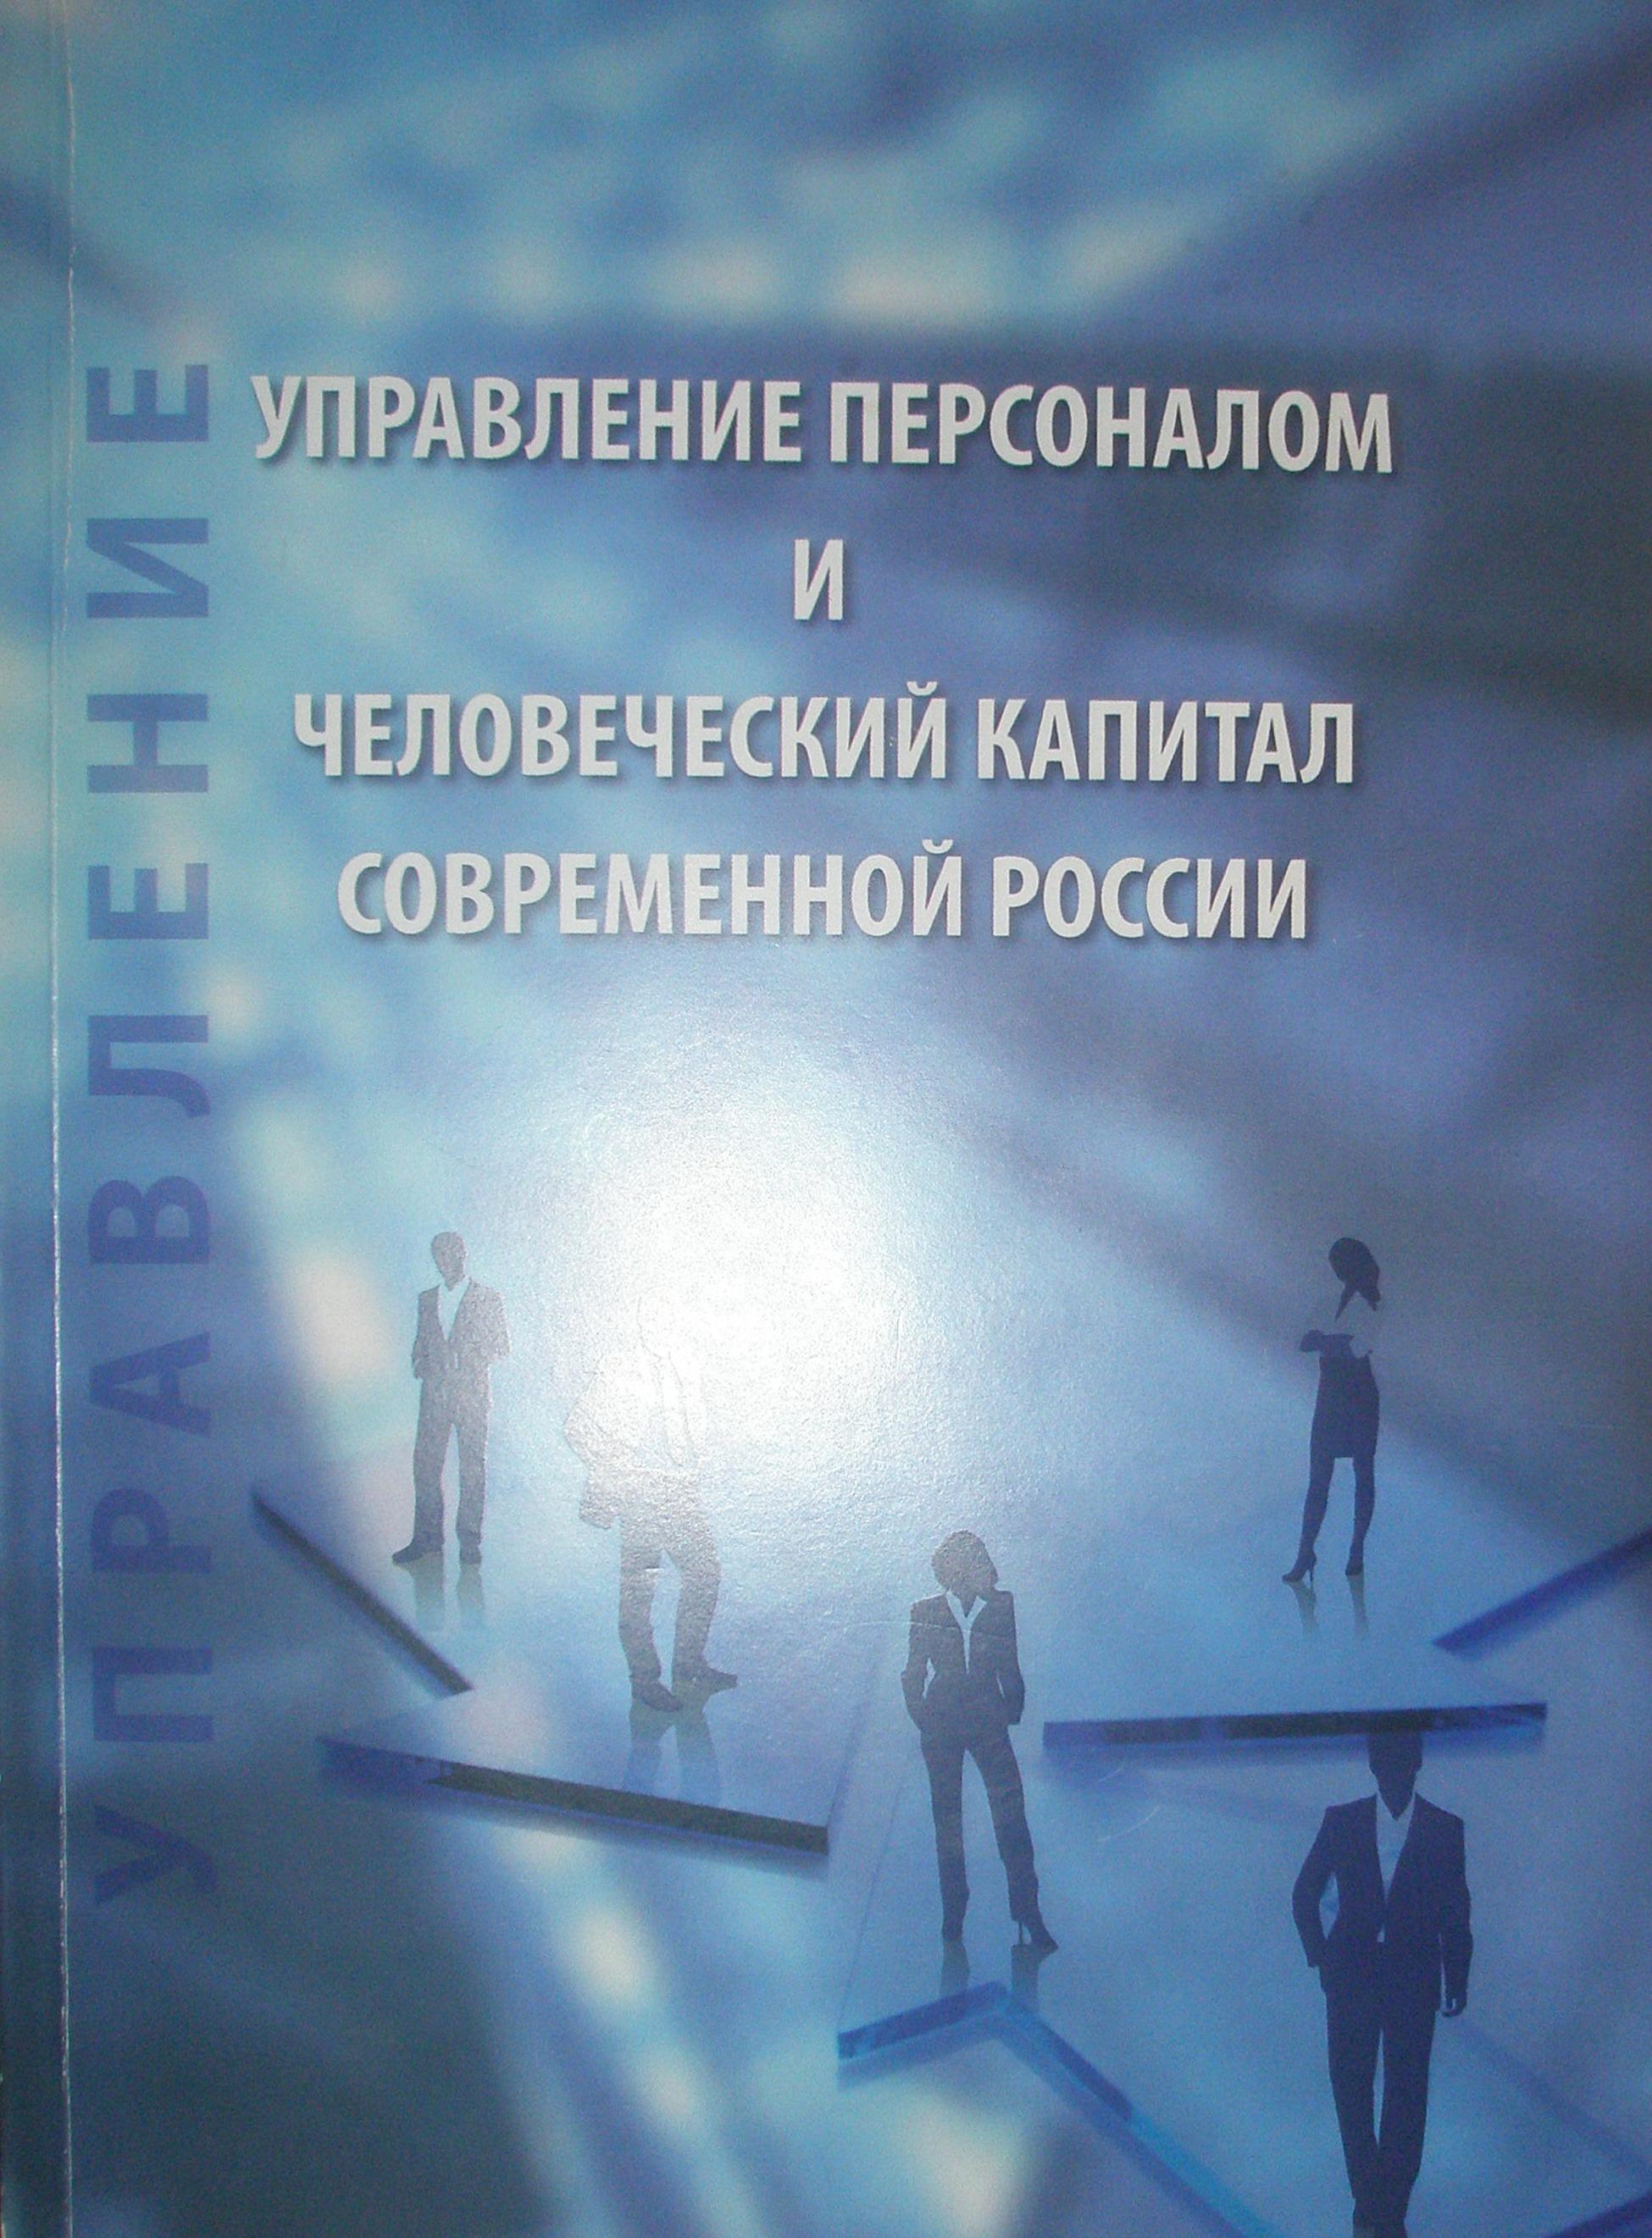 Развитие человеческого капитала или эксплуатация рабочей силы?